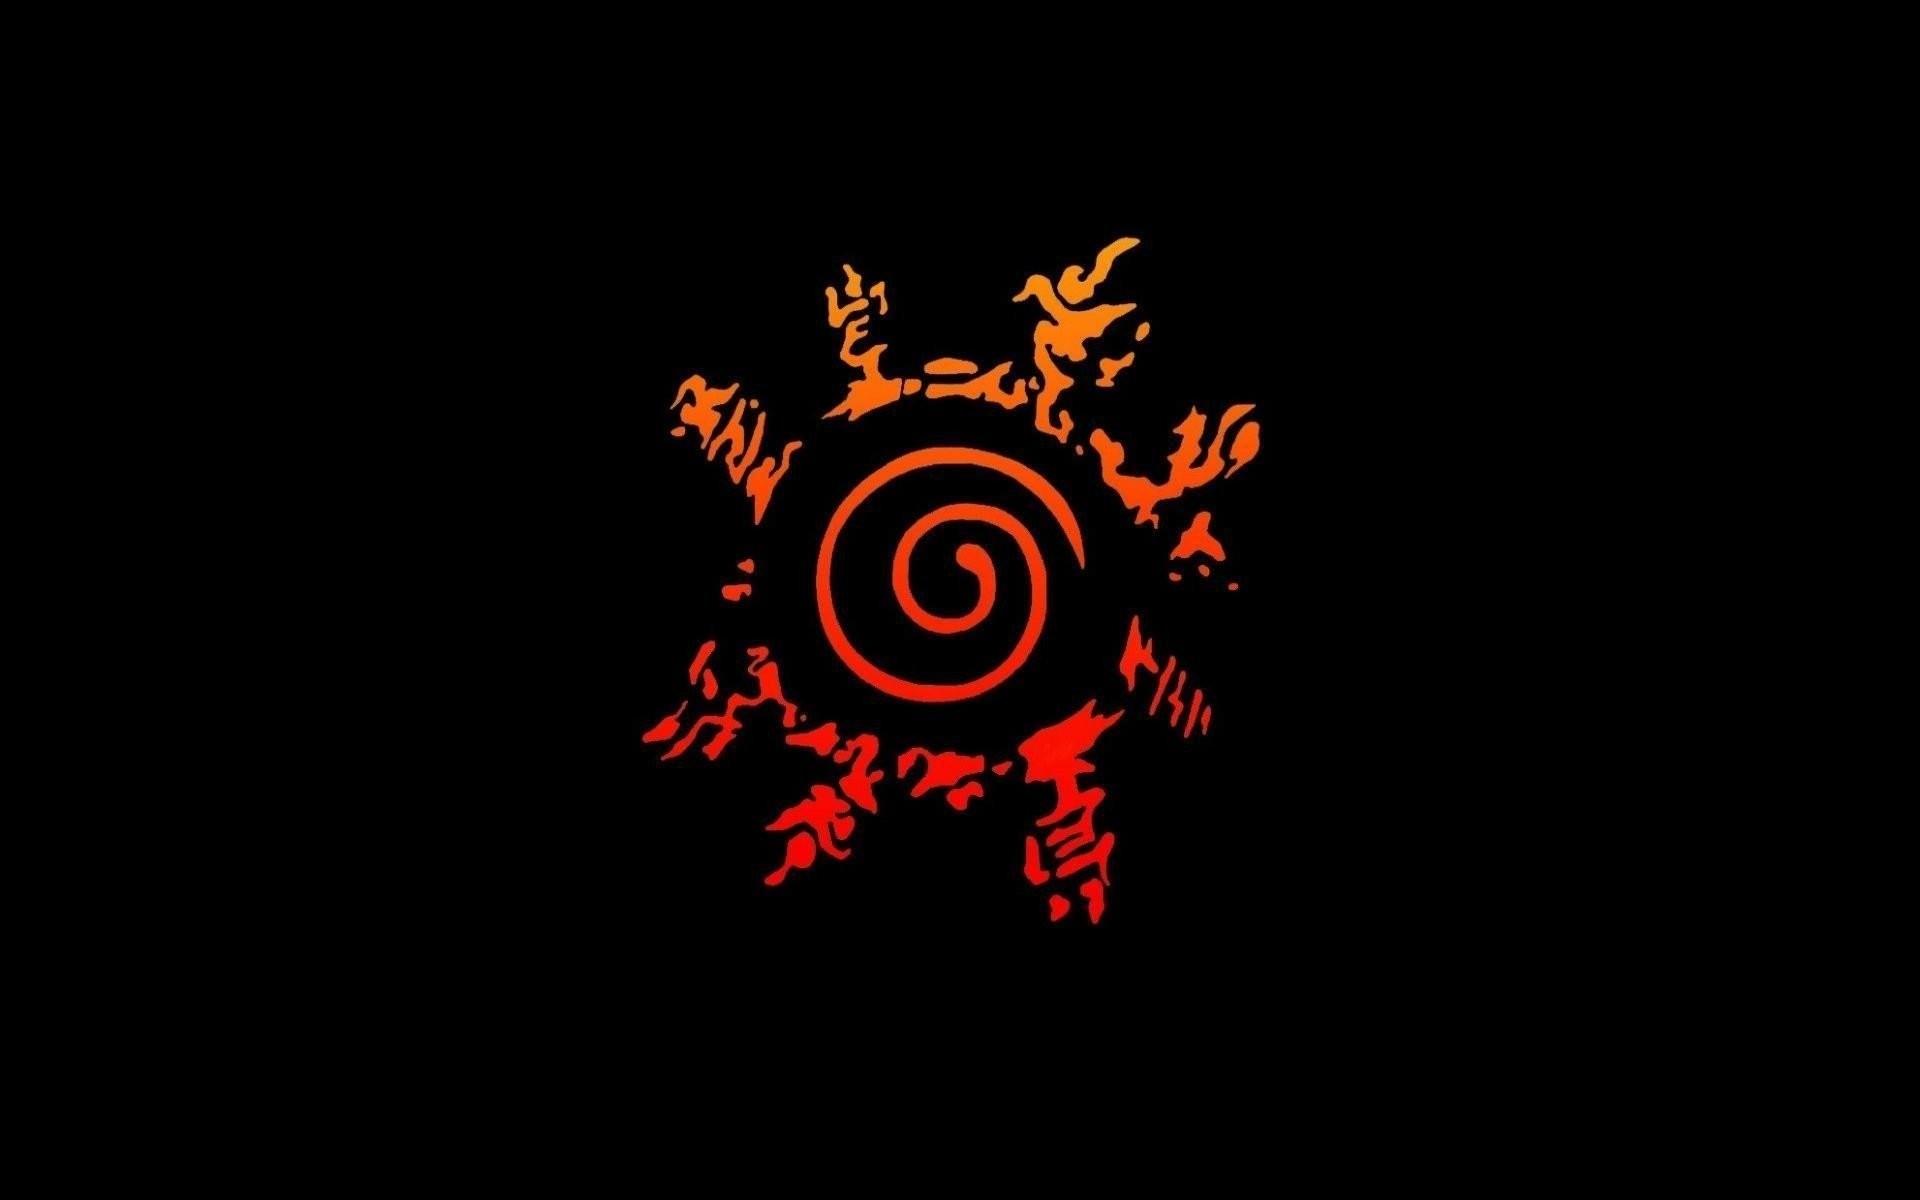 Naruto Shippuuden Uzumaki Uchiha Madara Anime